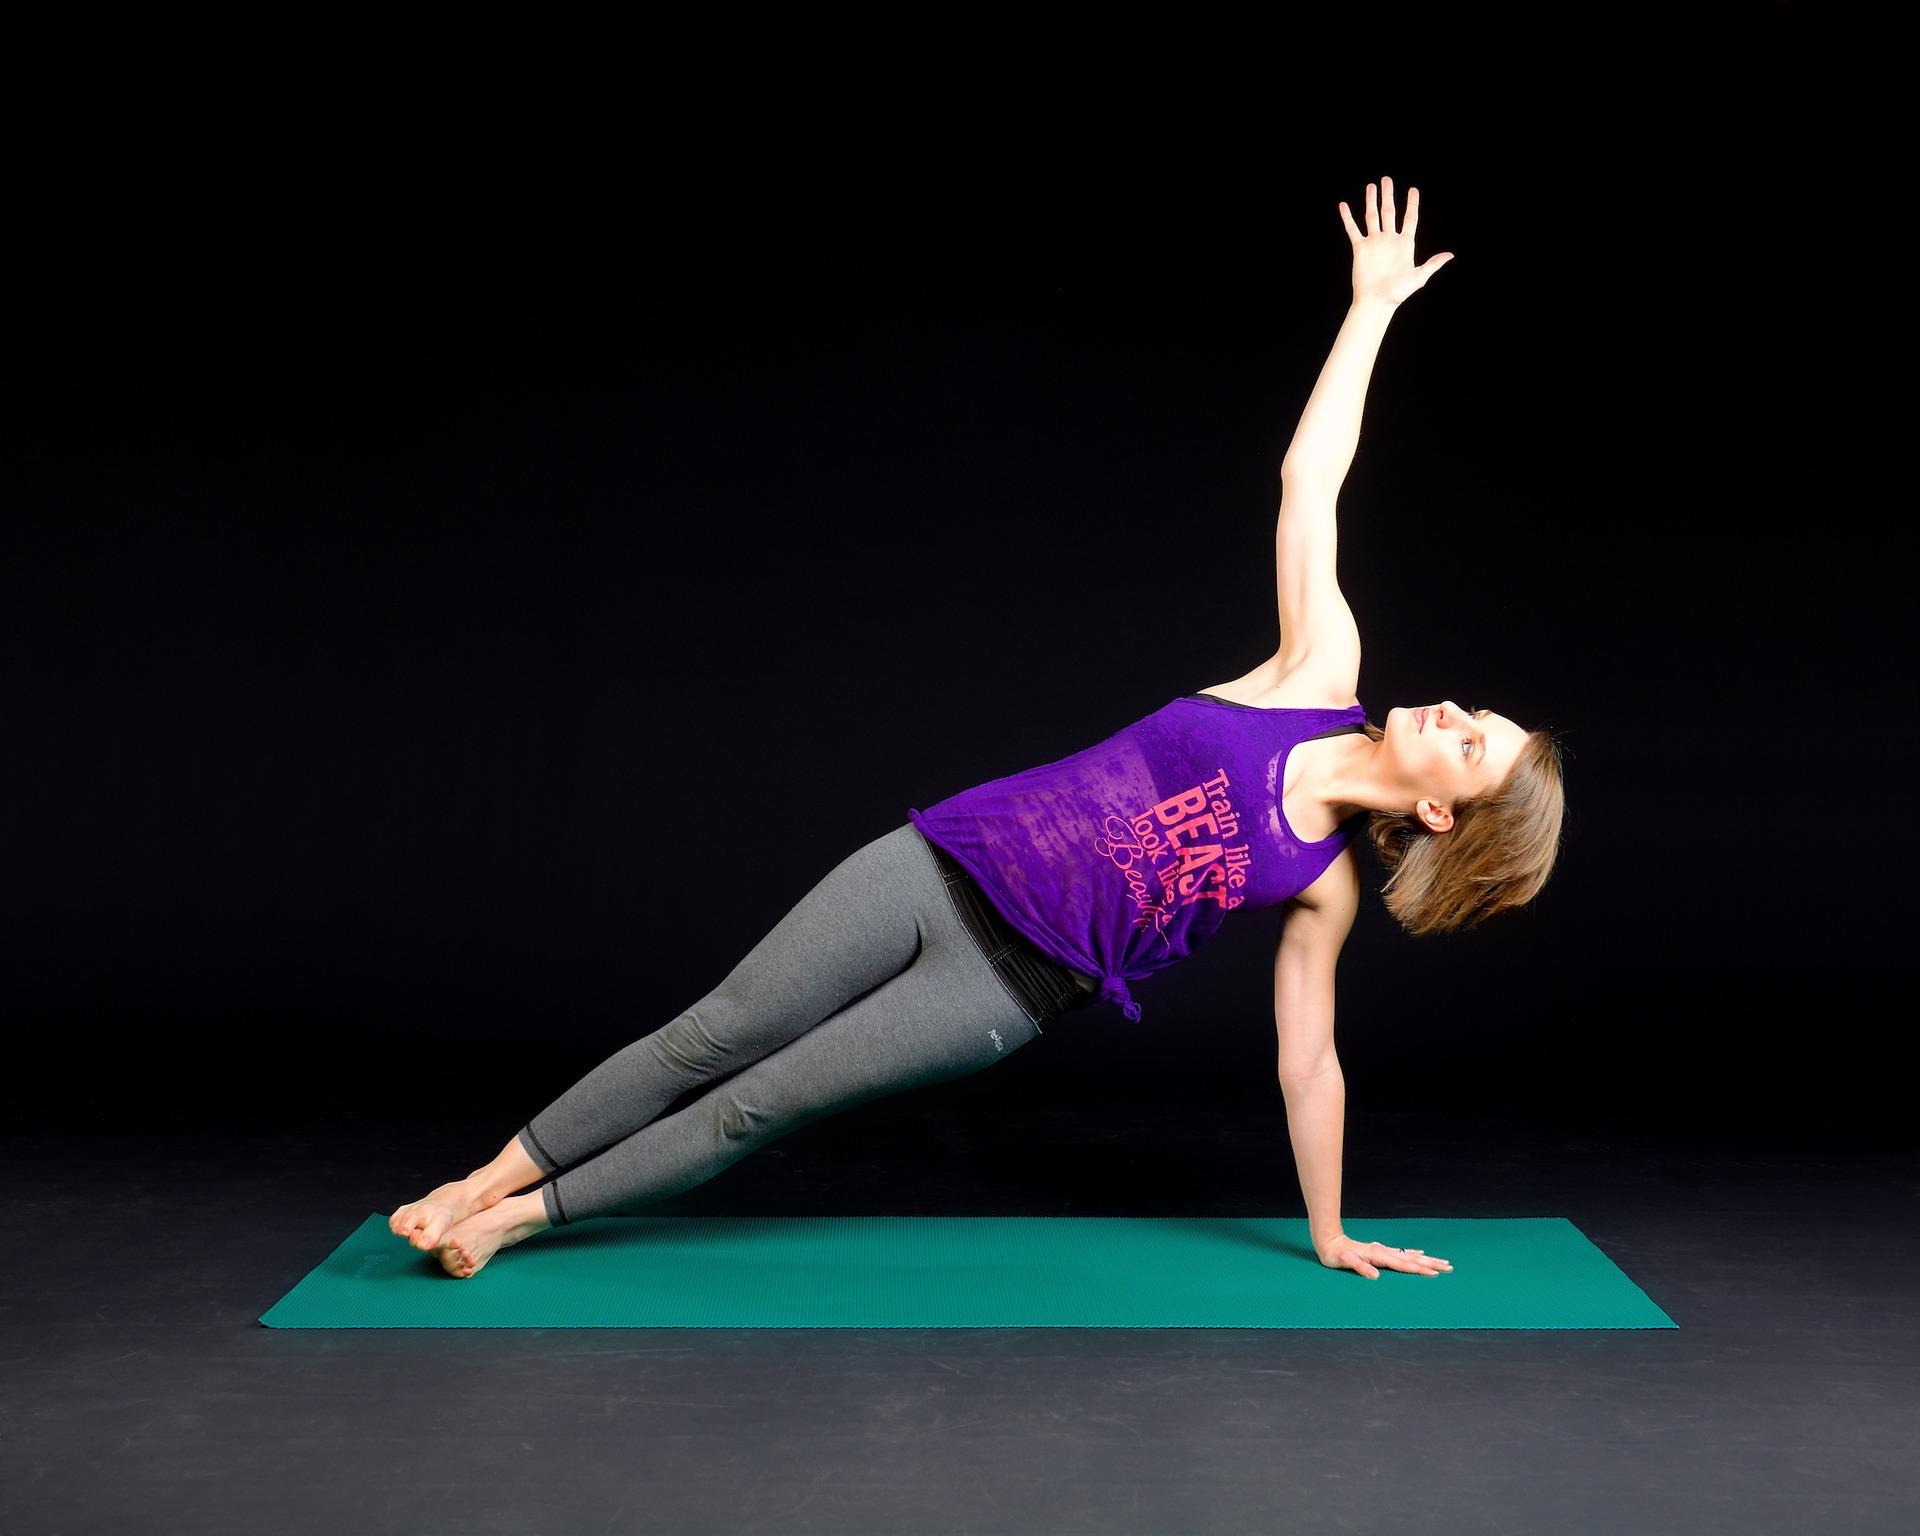 exercitii de tip plank - sfatulparintilor.ro - pixabay_com - 1327256_1920